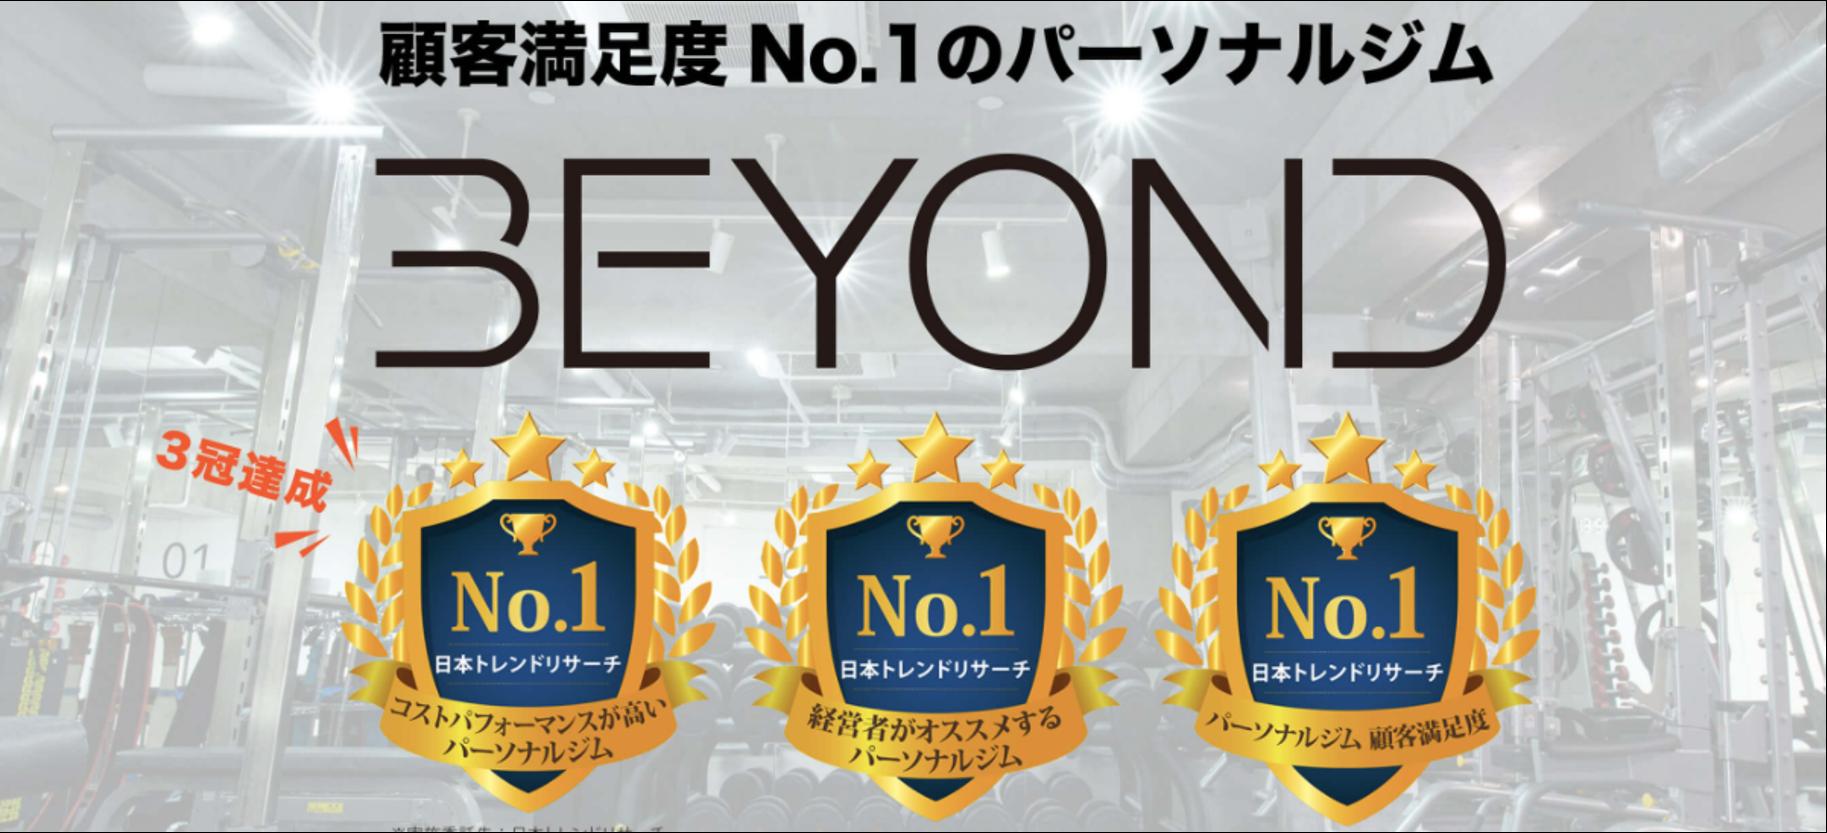 BEYOND(ビヨンド)トップ画